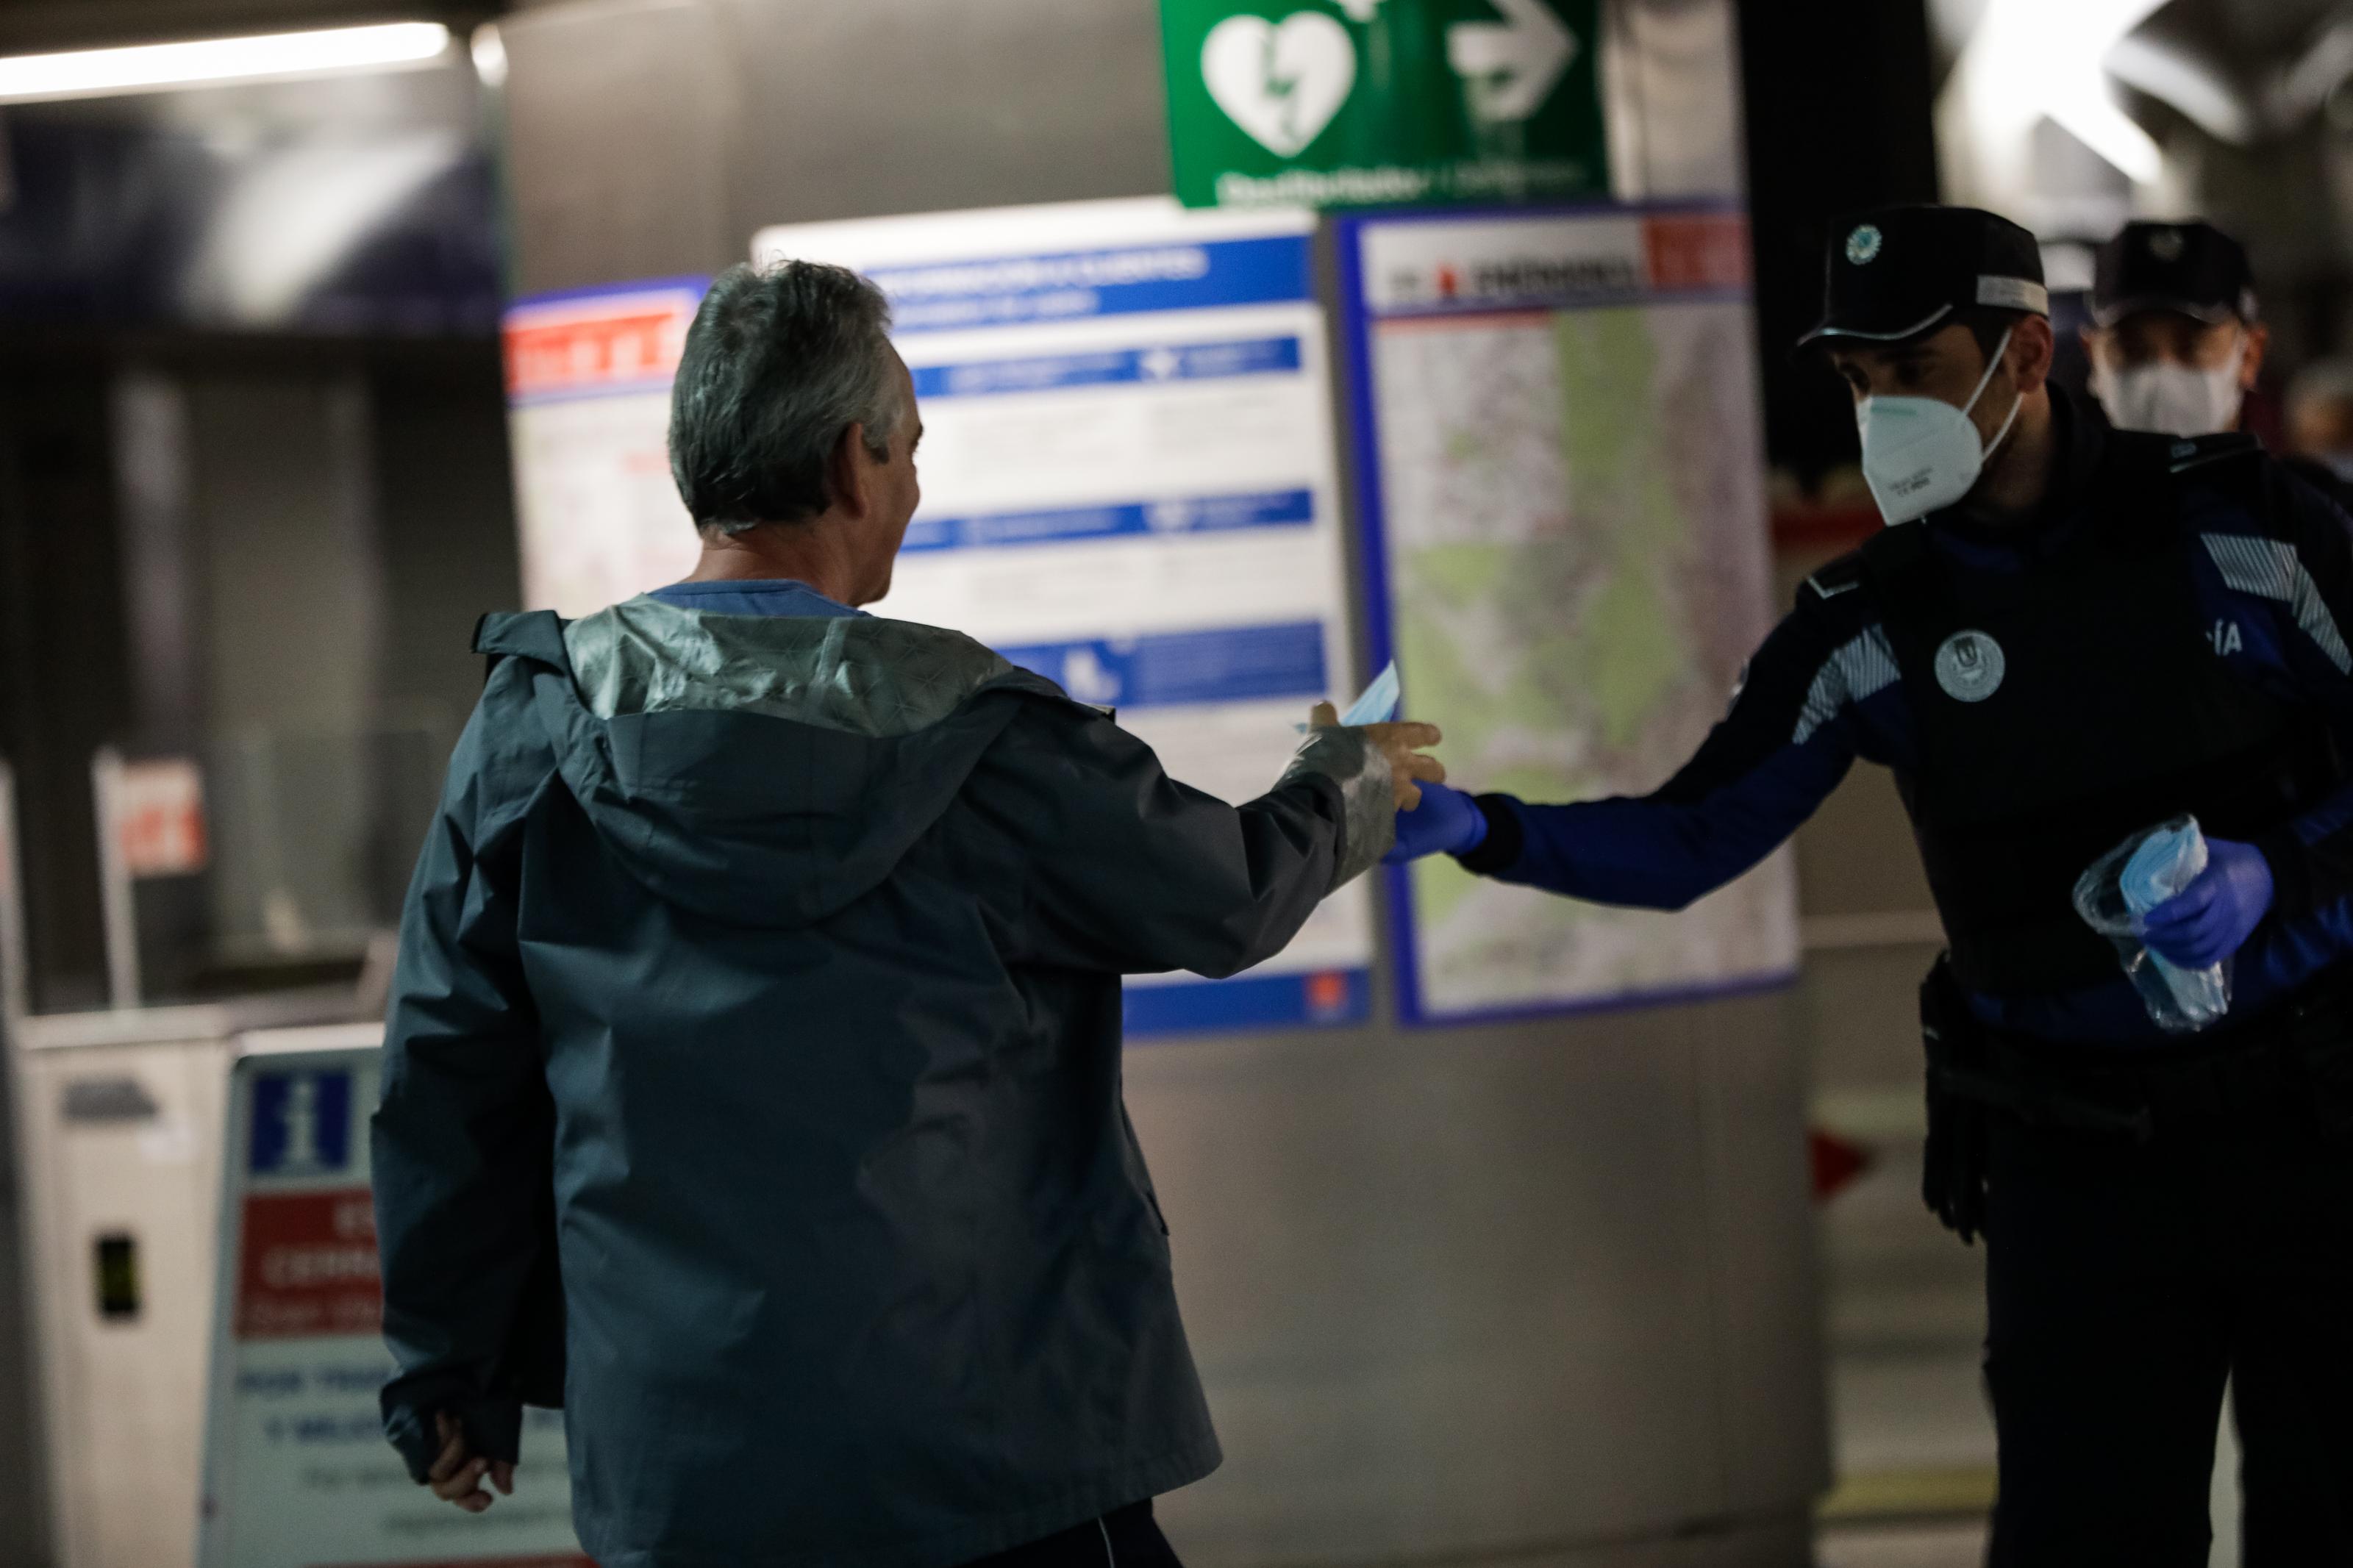 Mañana comienzan las multas en Madrid por ir sin mascarilla en transporte público: mínimo 600 euros